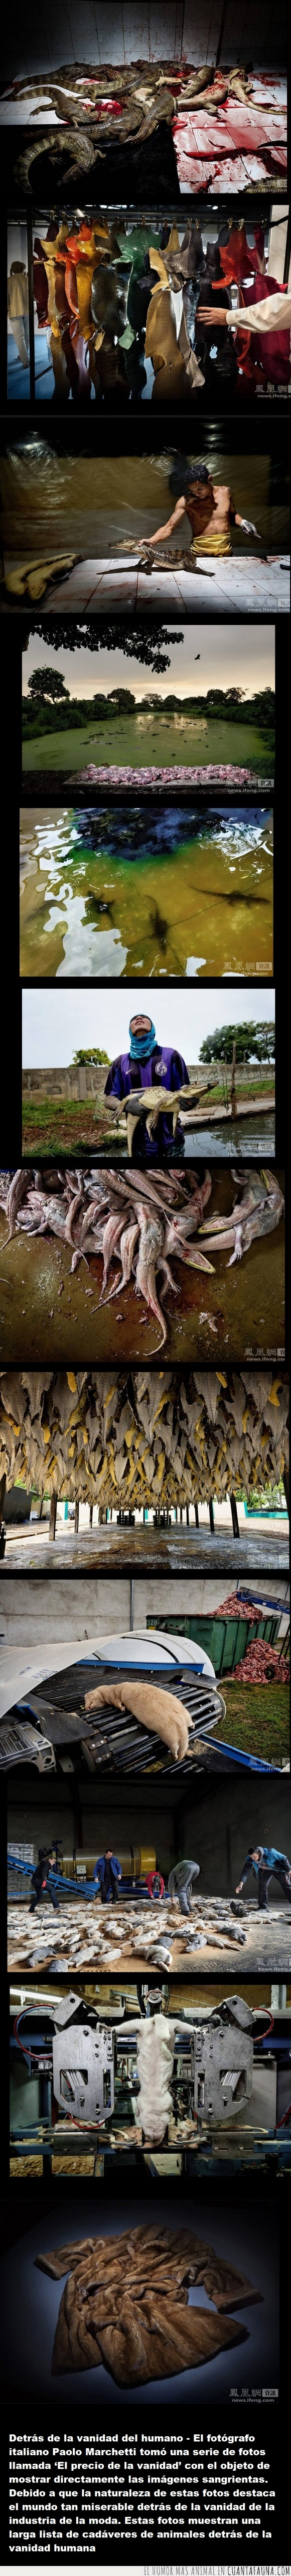 abrigo,animales,asesinato,bolso,casa,cocodrilo,crueldad,especies,muerte,piel,pieles